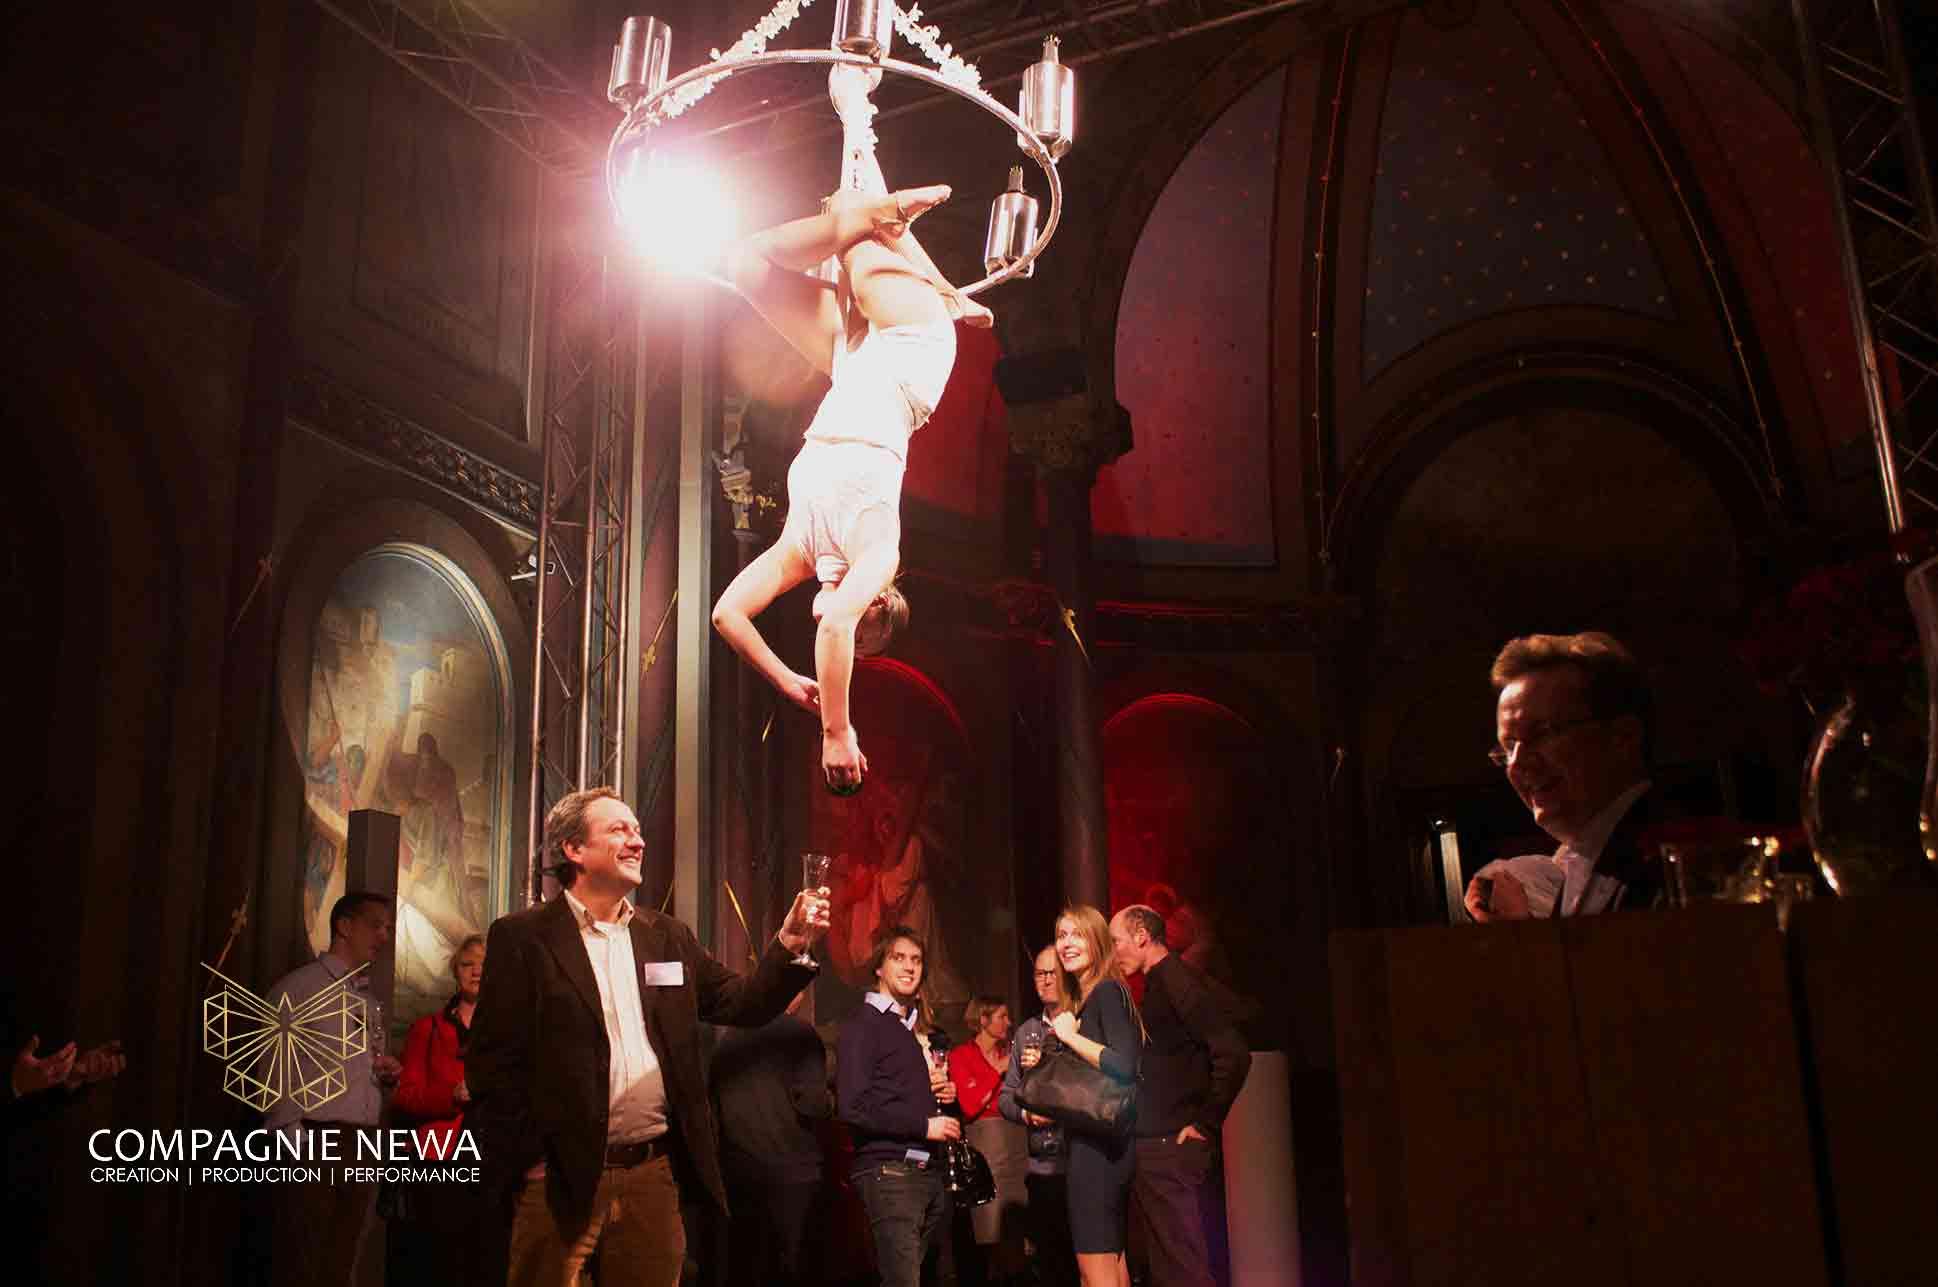 Compagnie_NEWA_flowing_champagne_chandelier_aerials_luchtacrobatiek